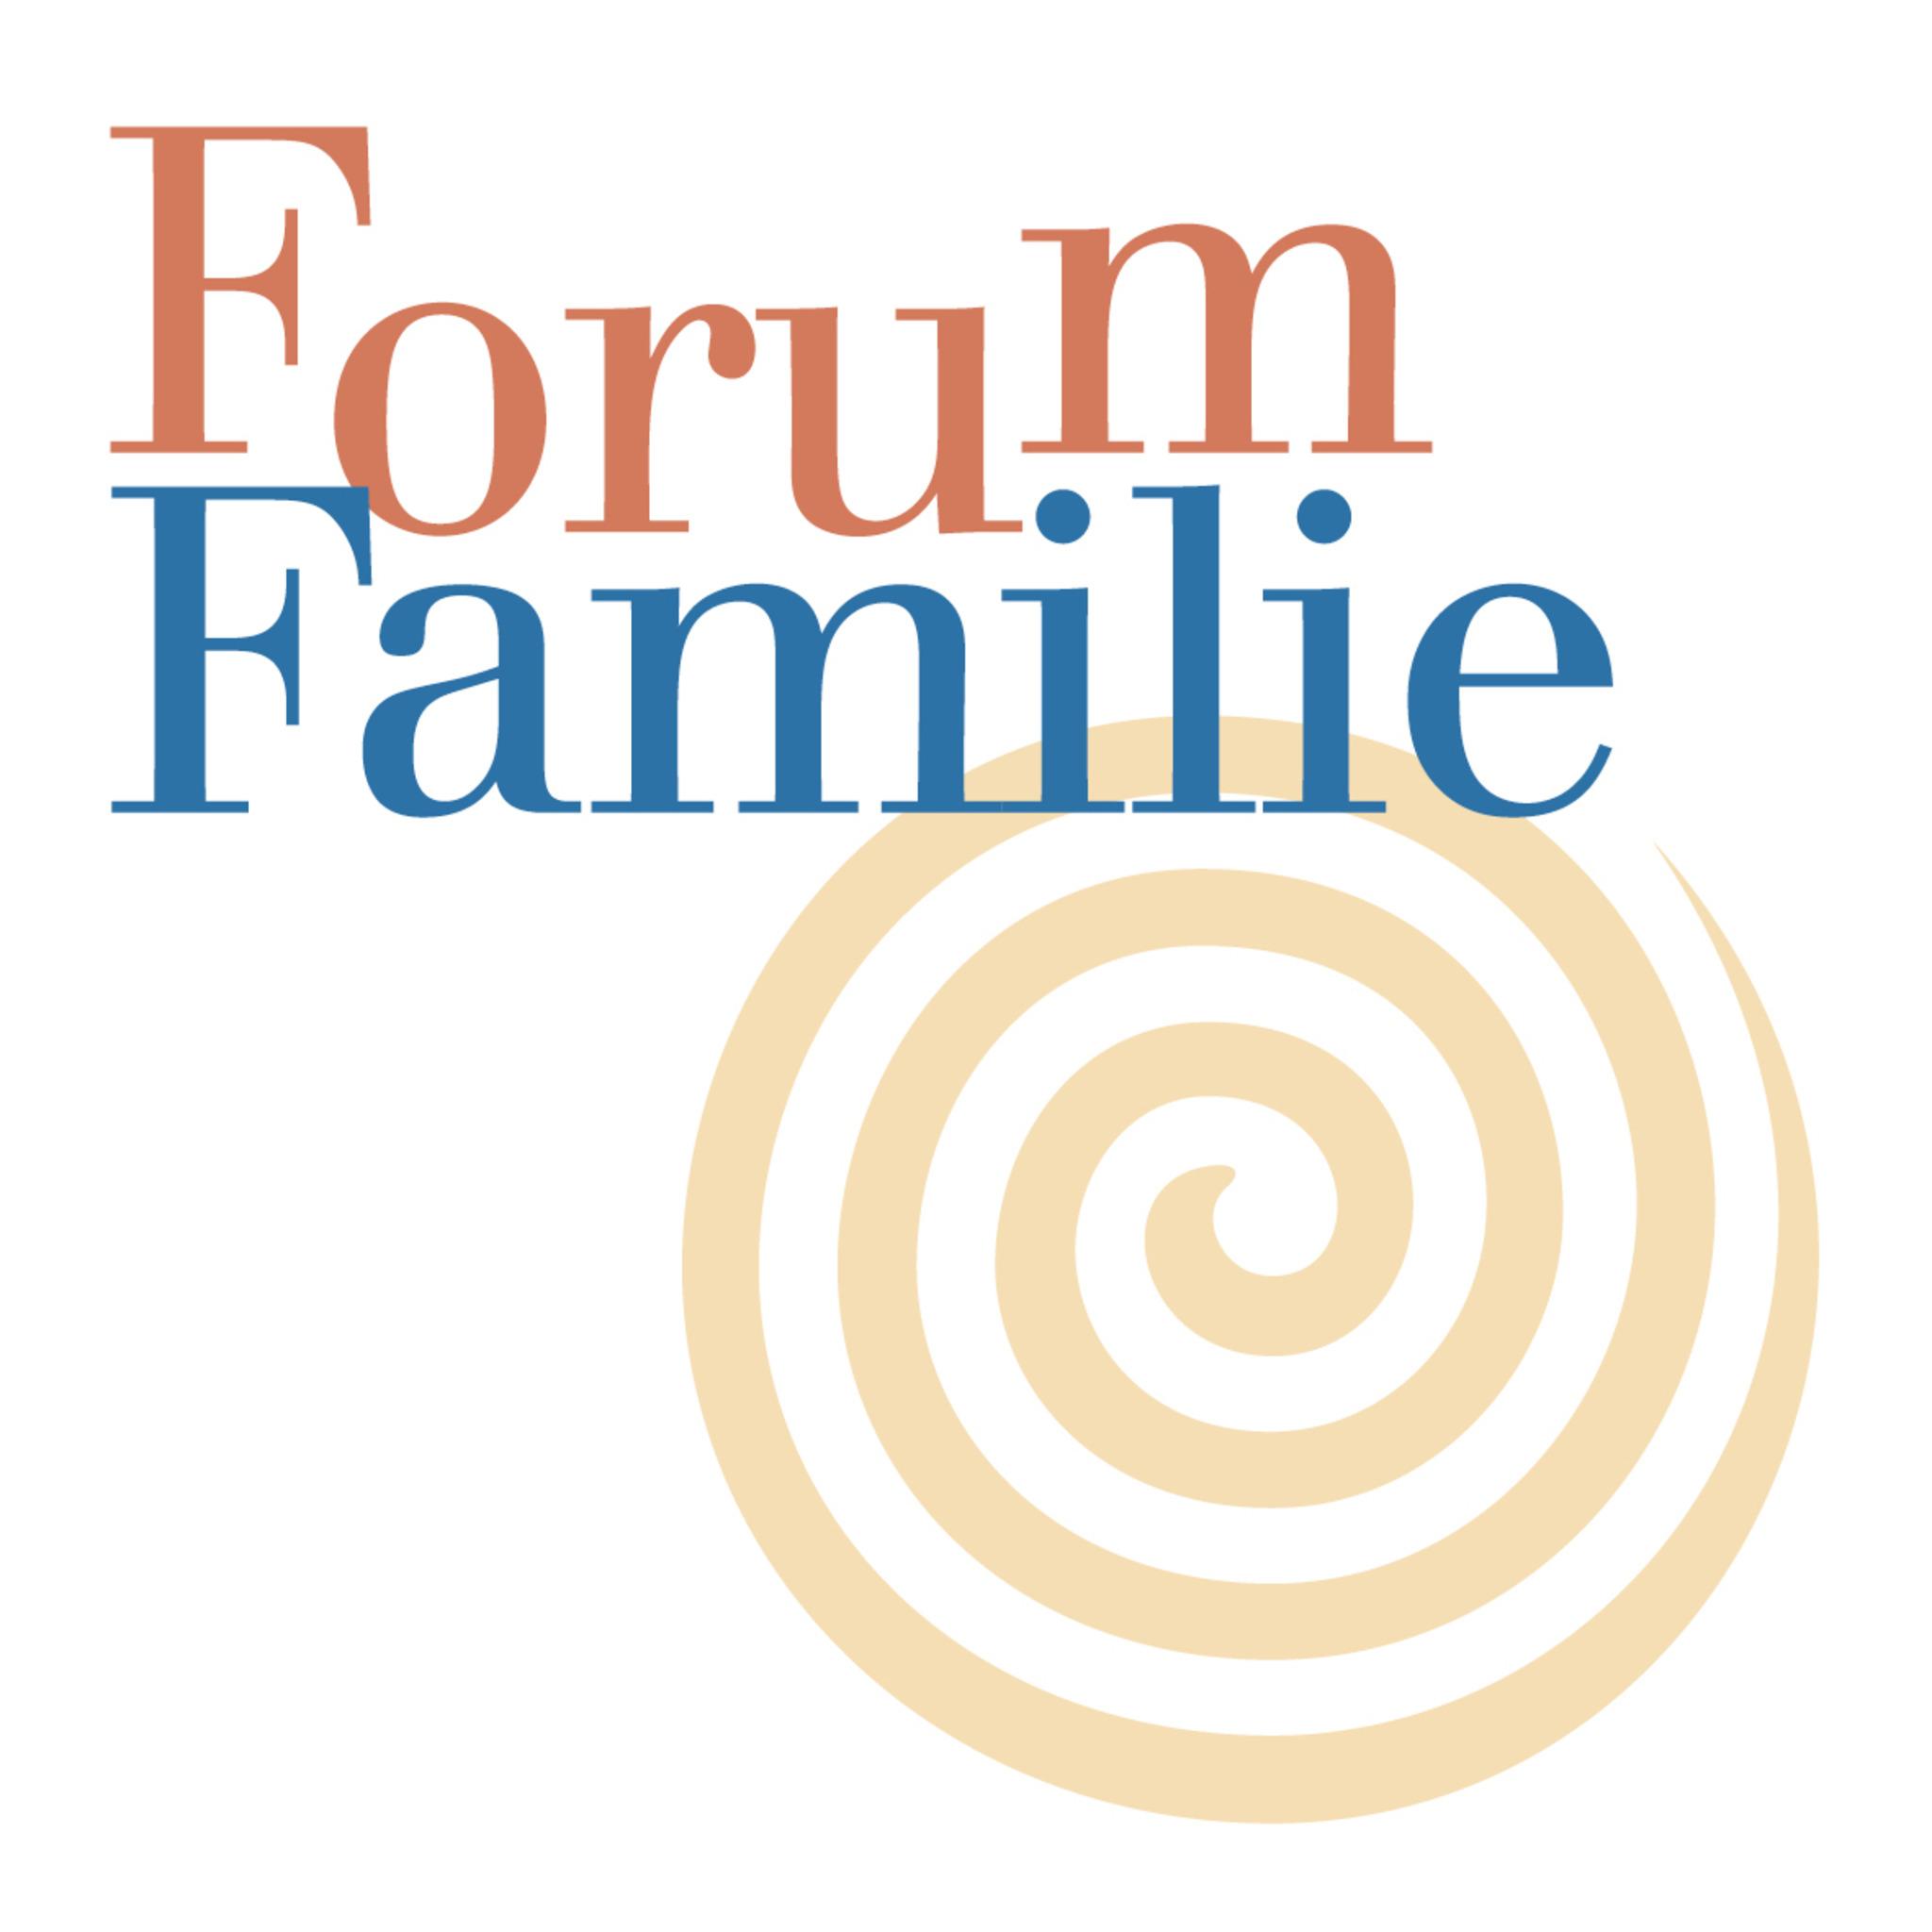 Alleinerziehende Forum